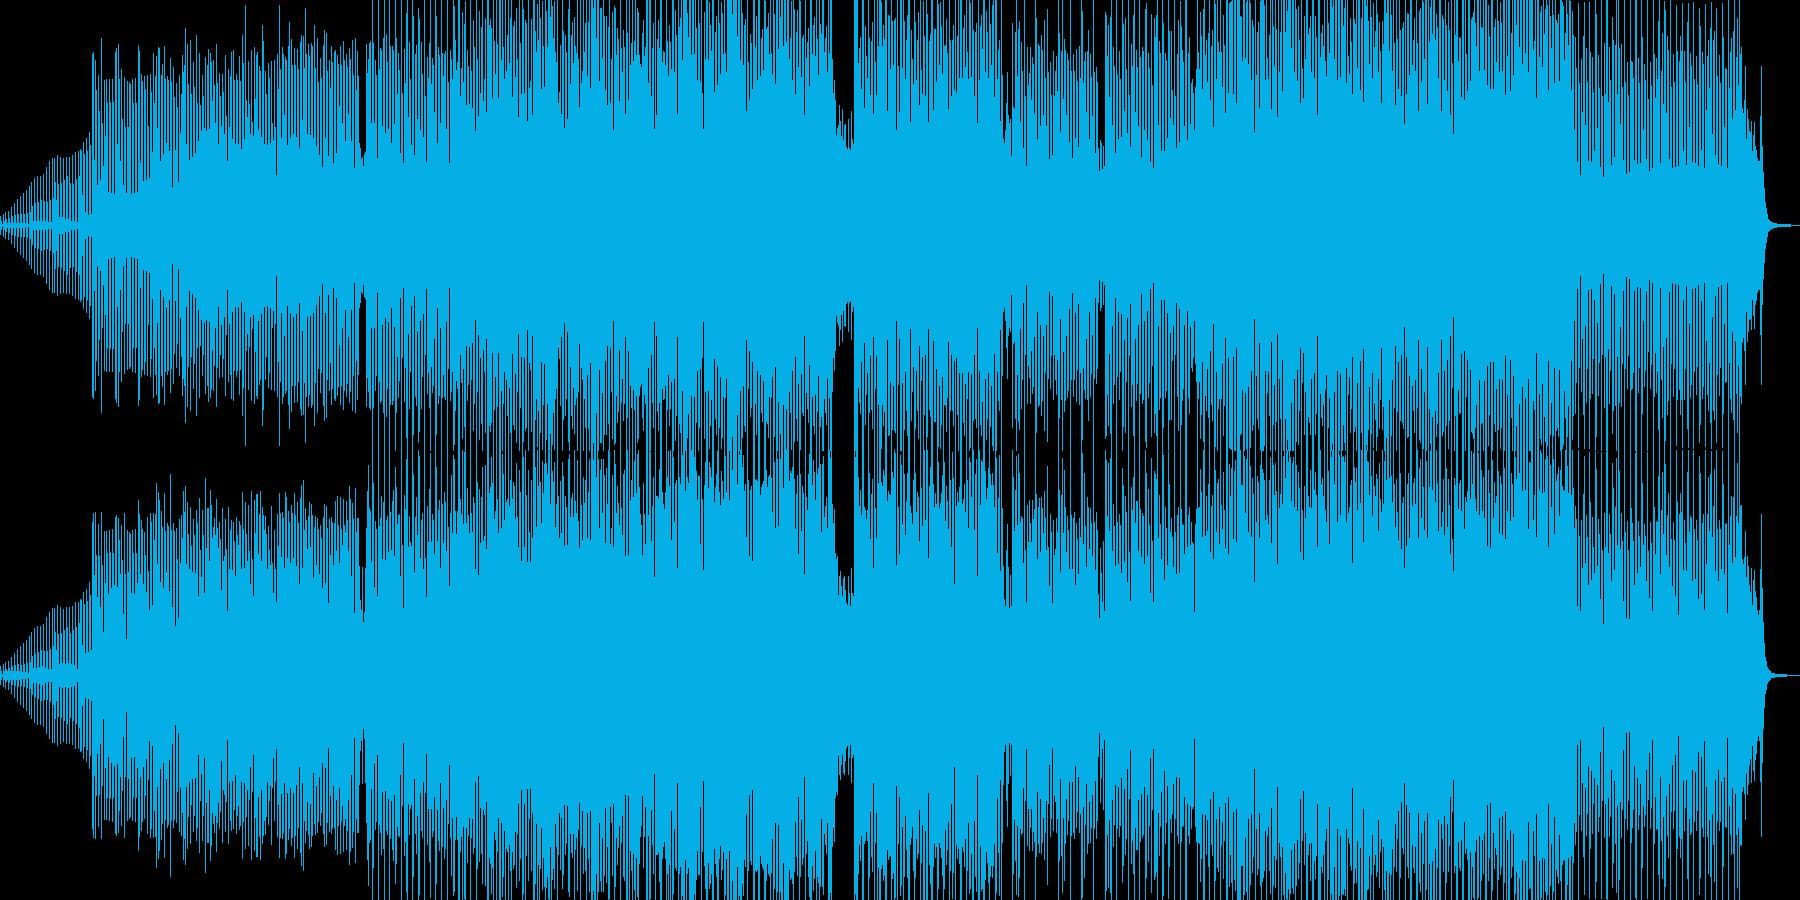 愉快な響きの琴が印象的なテクノの再生済みの波形